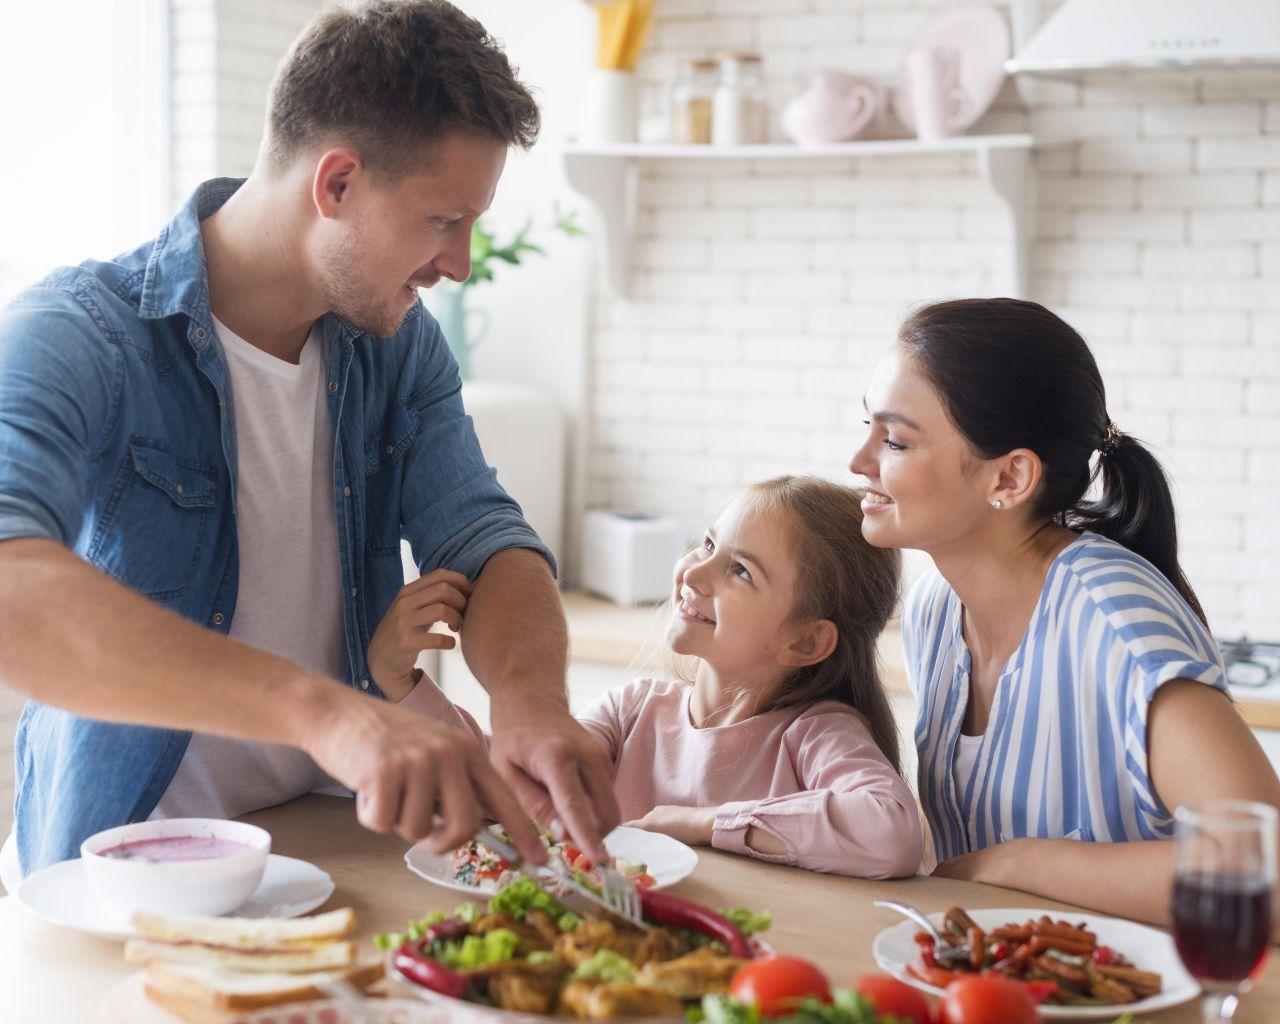 Çocukların yeme alışkanlığını düzeltecek 9 öneri - Sayfa:3